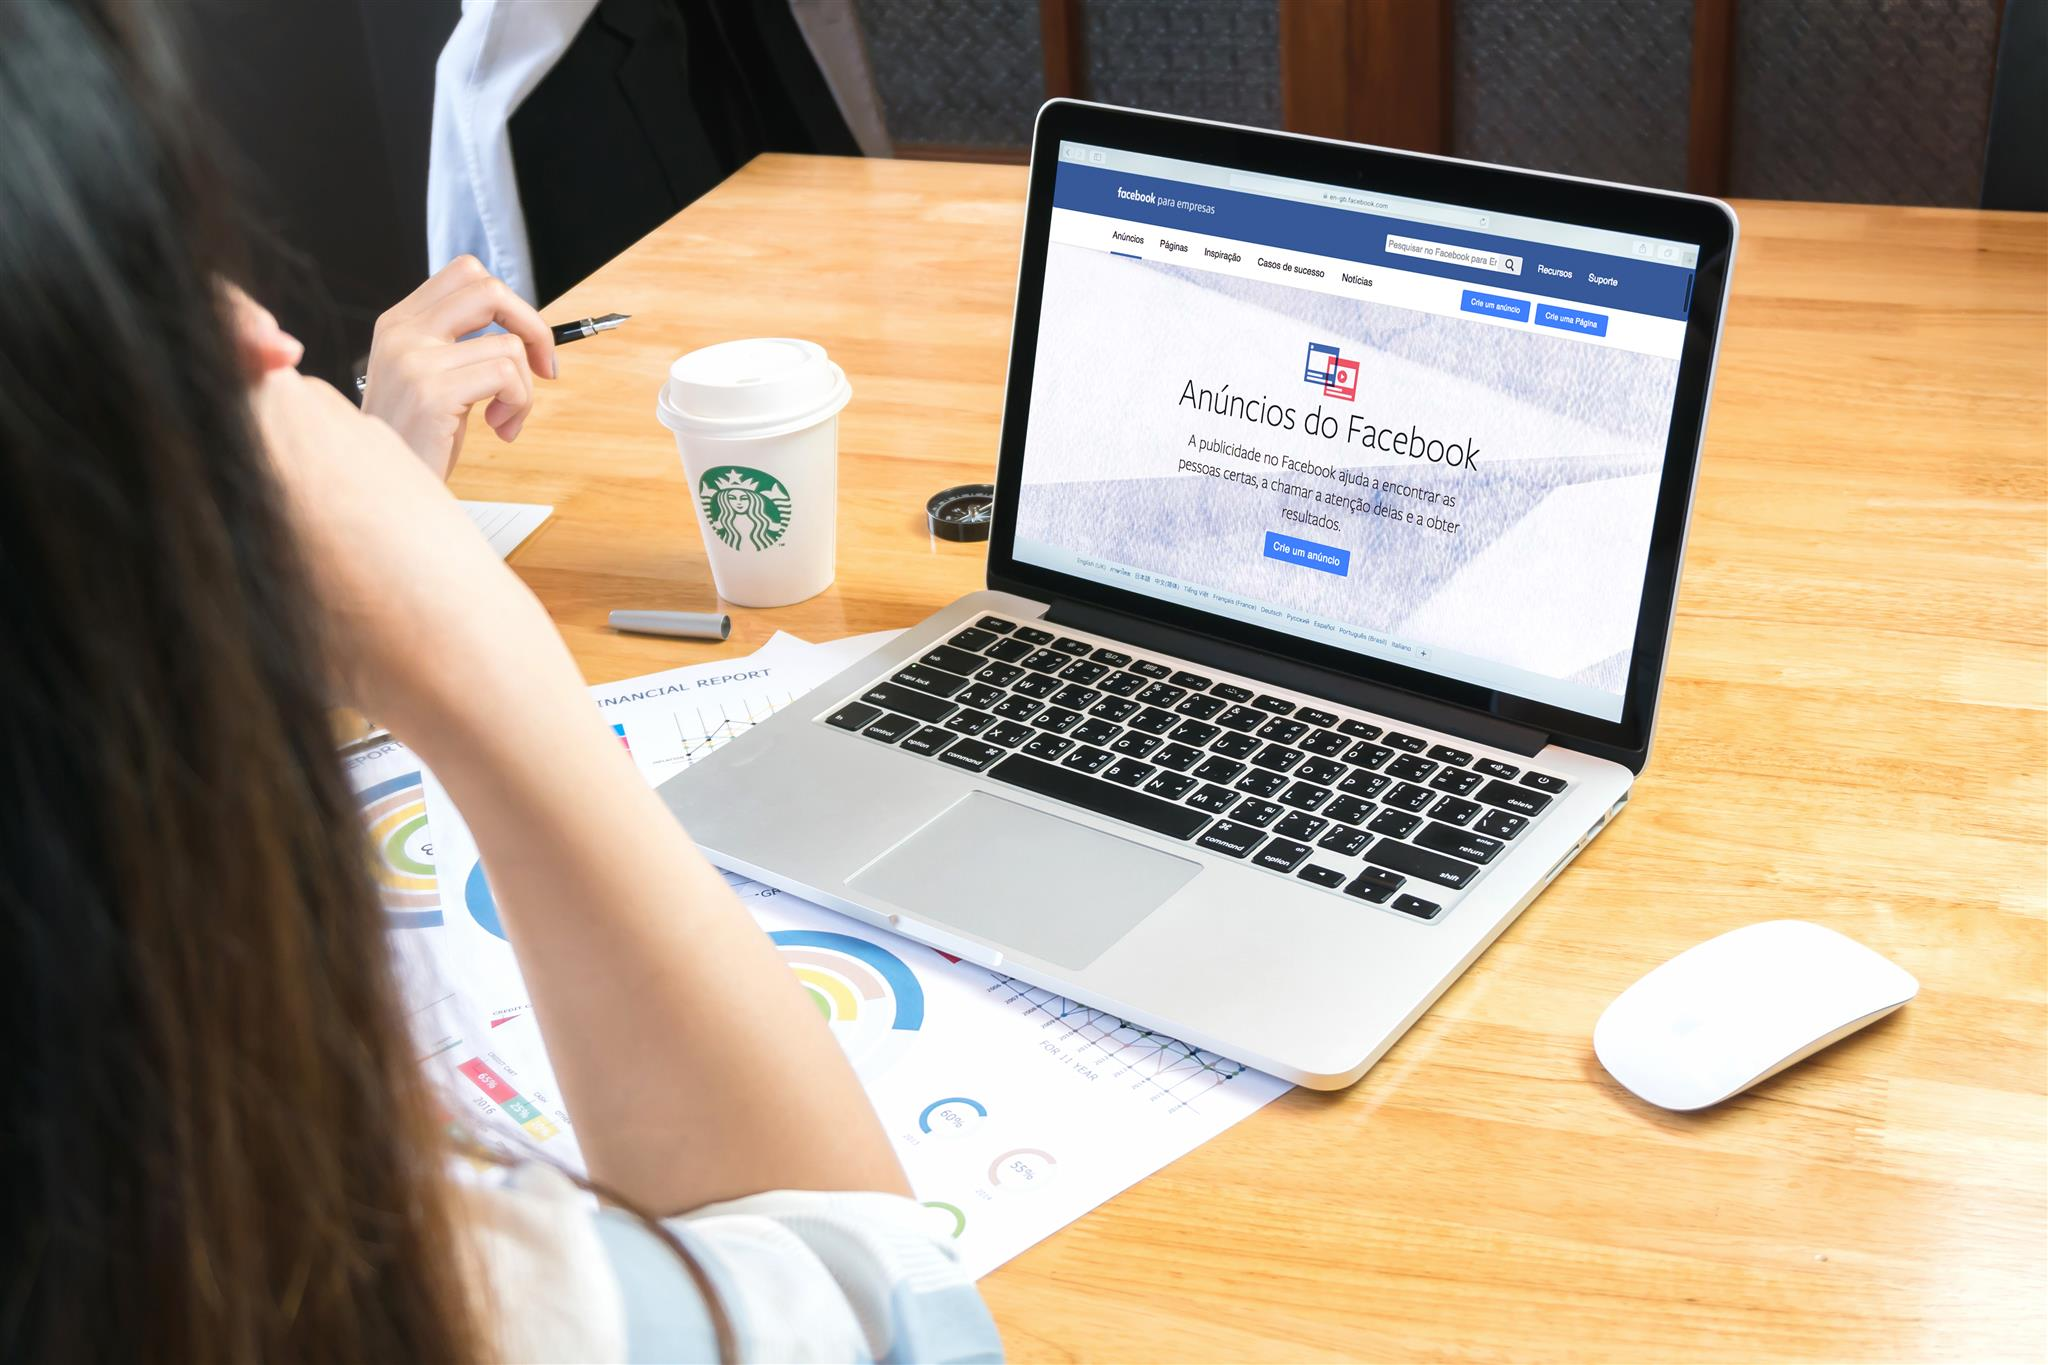 quais cuidados quando anunciar no facebook